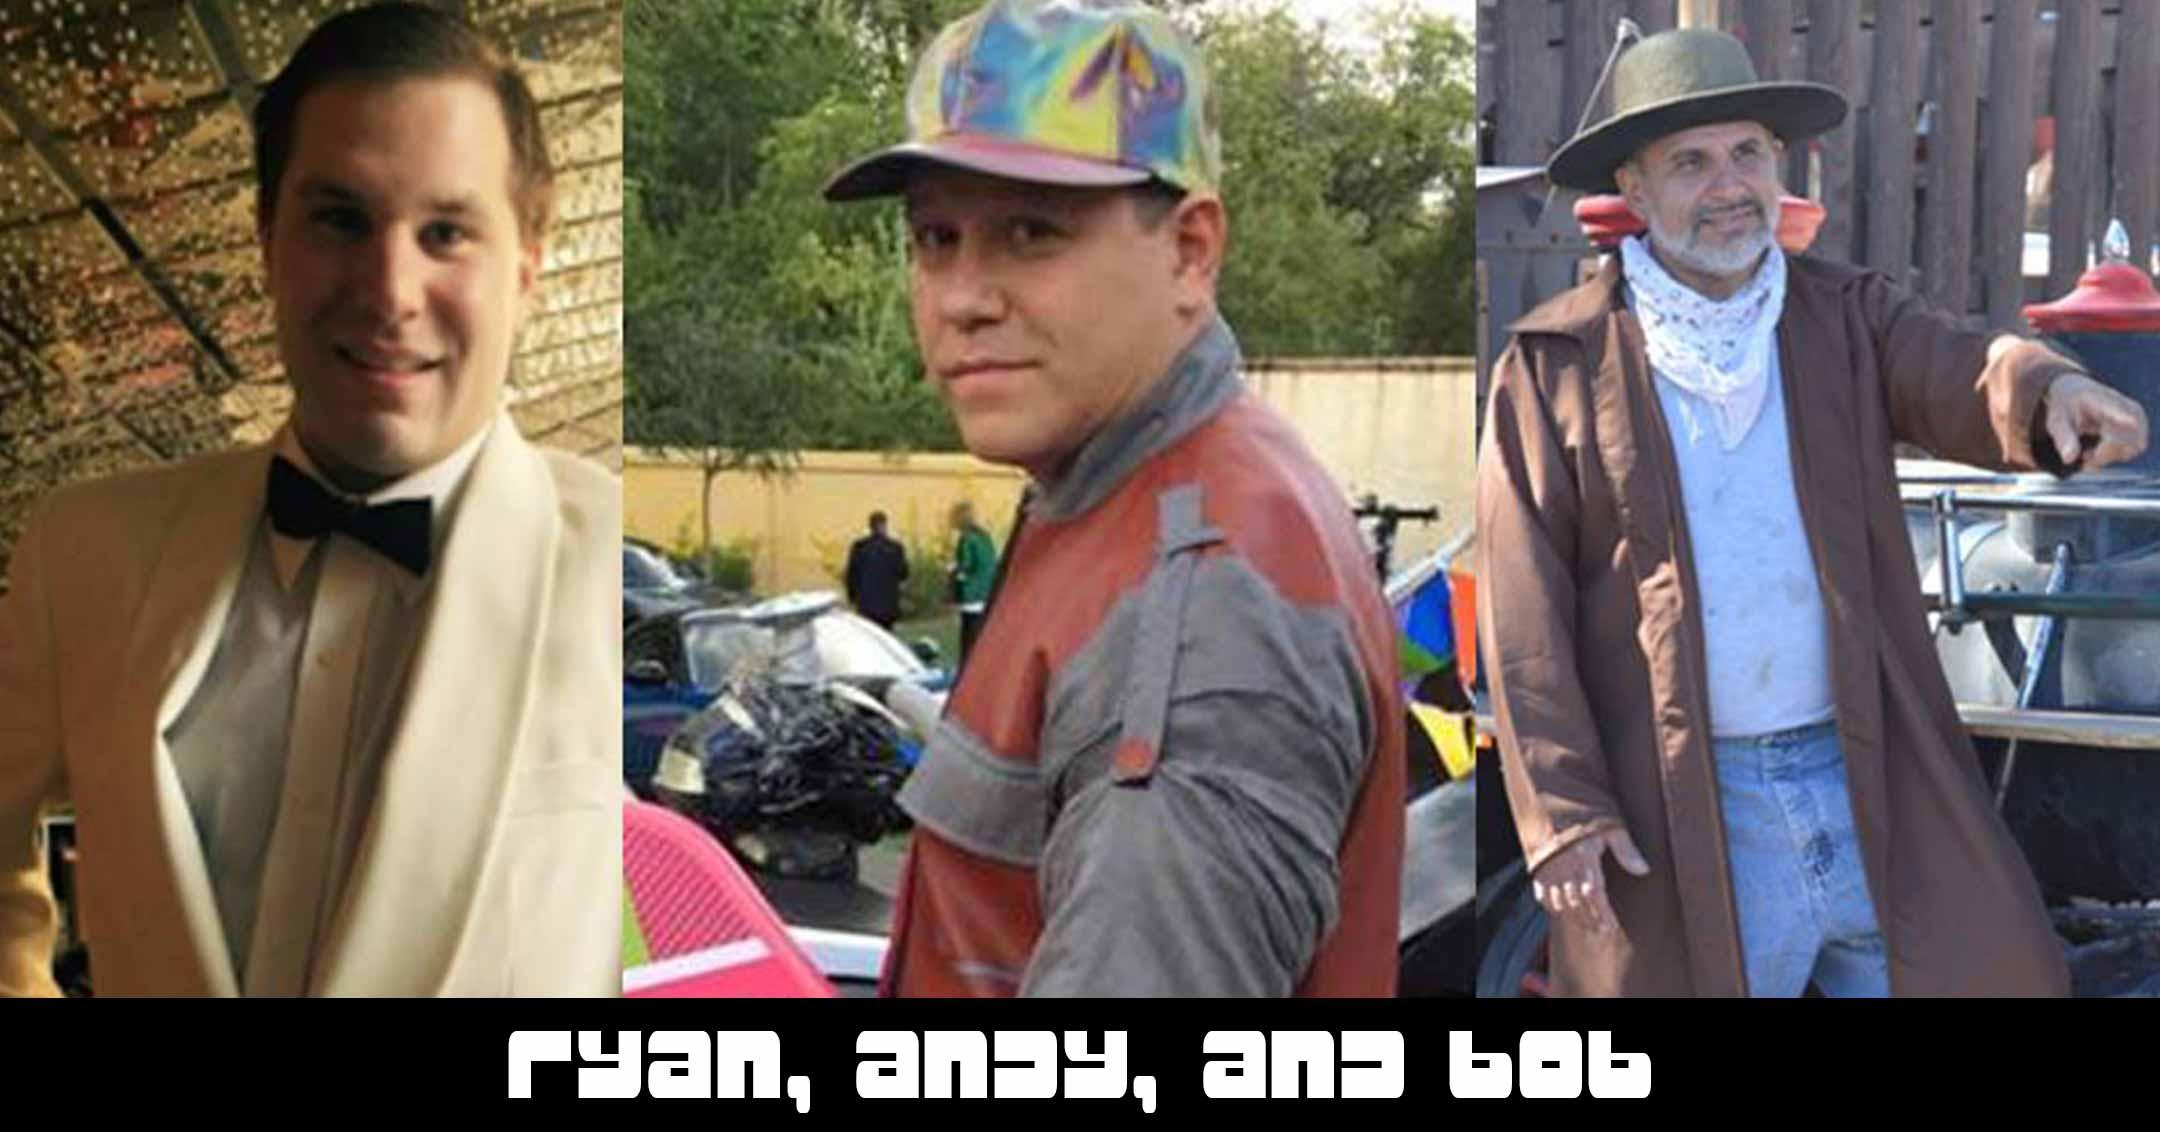 005 – Ryan, Andy, and Bob